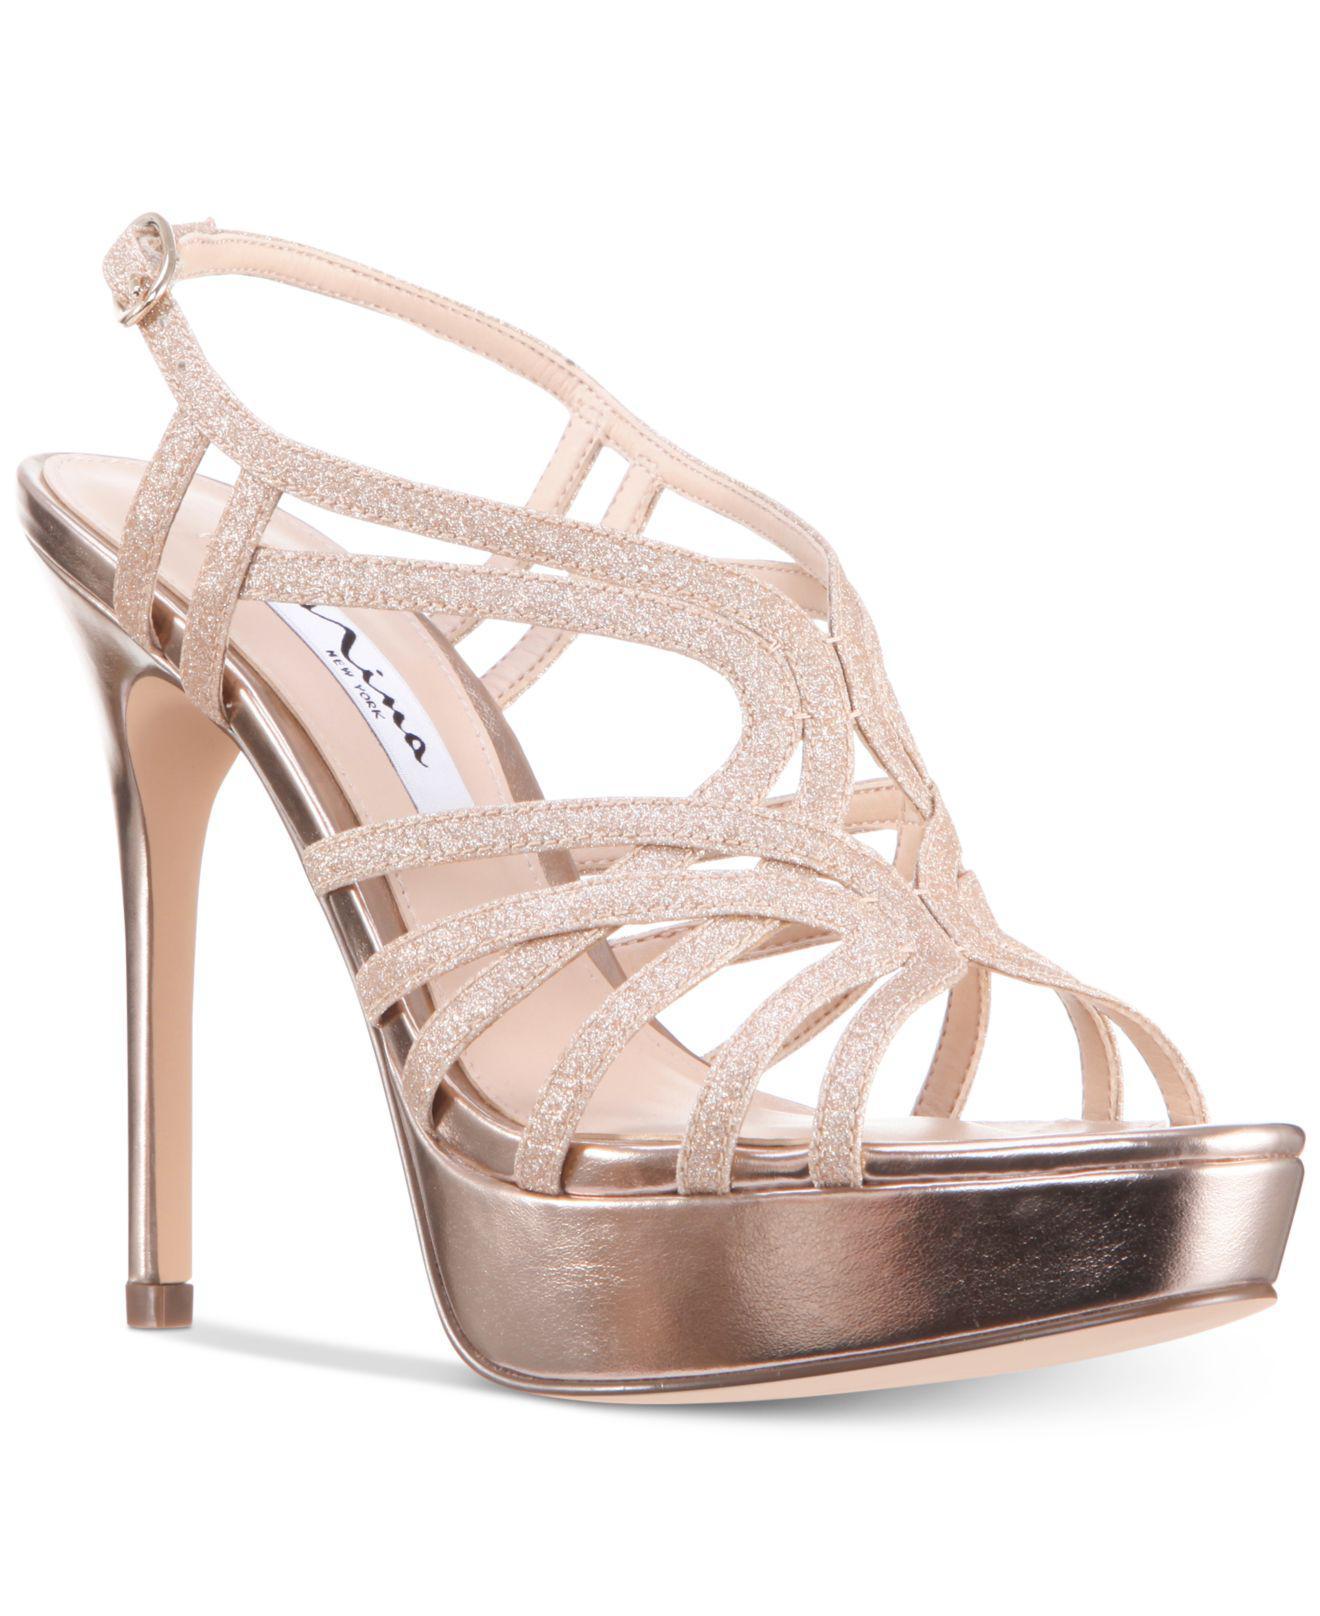 6c039659d42 Lyst - Nina Solina Platform Evening Dress Sandals